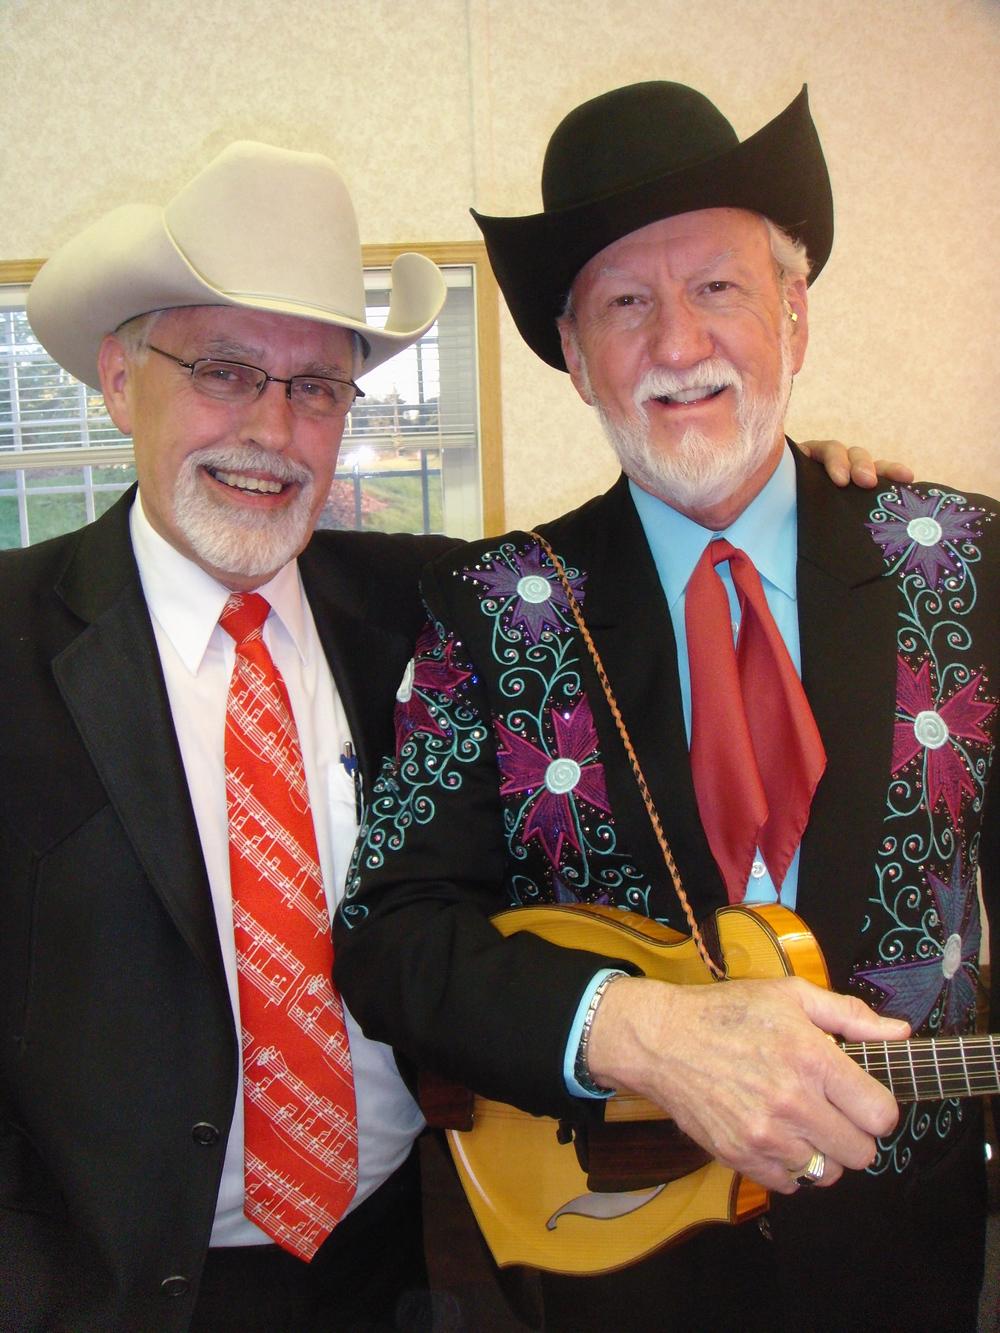 2011 - George McKnight & Doyle Lawson